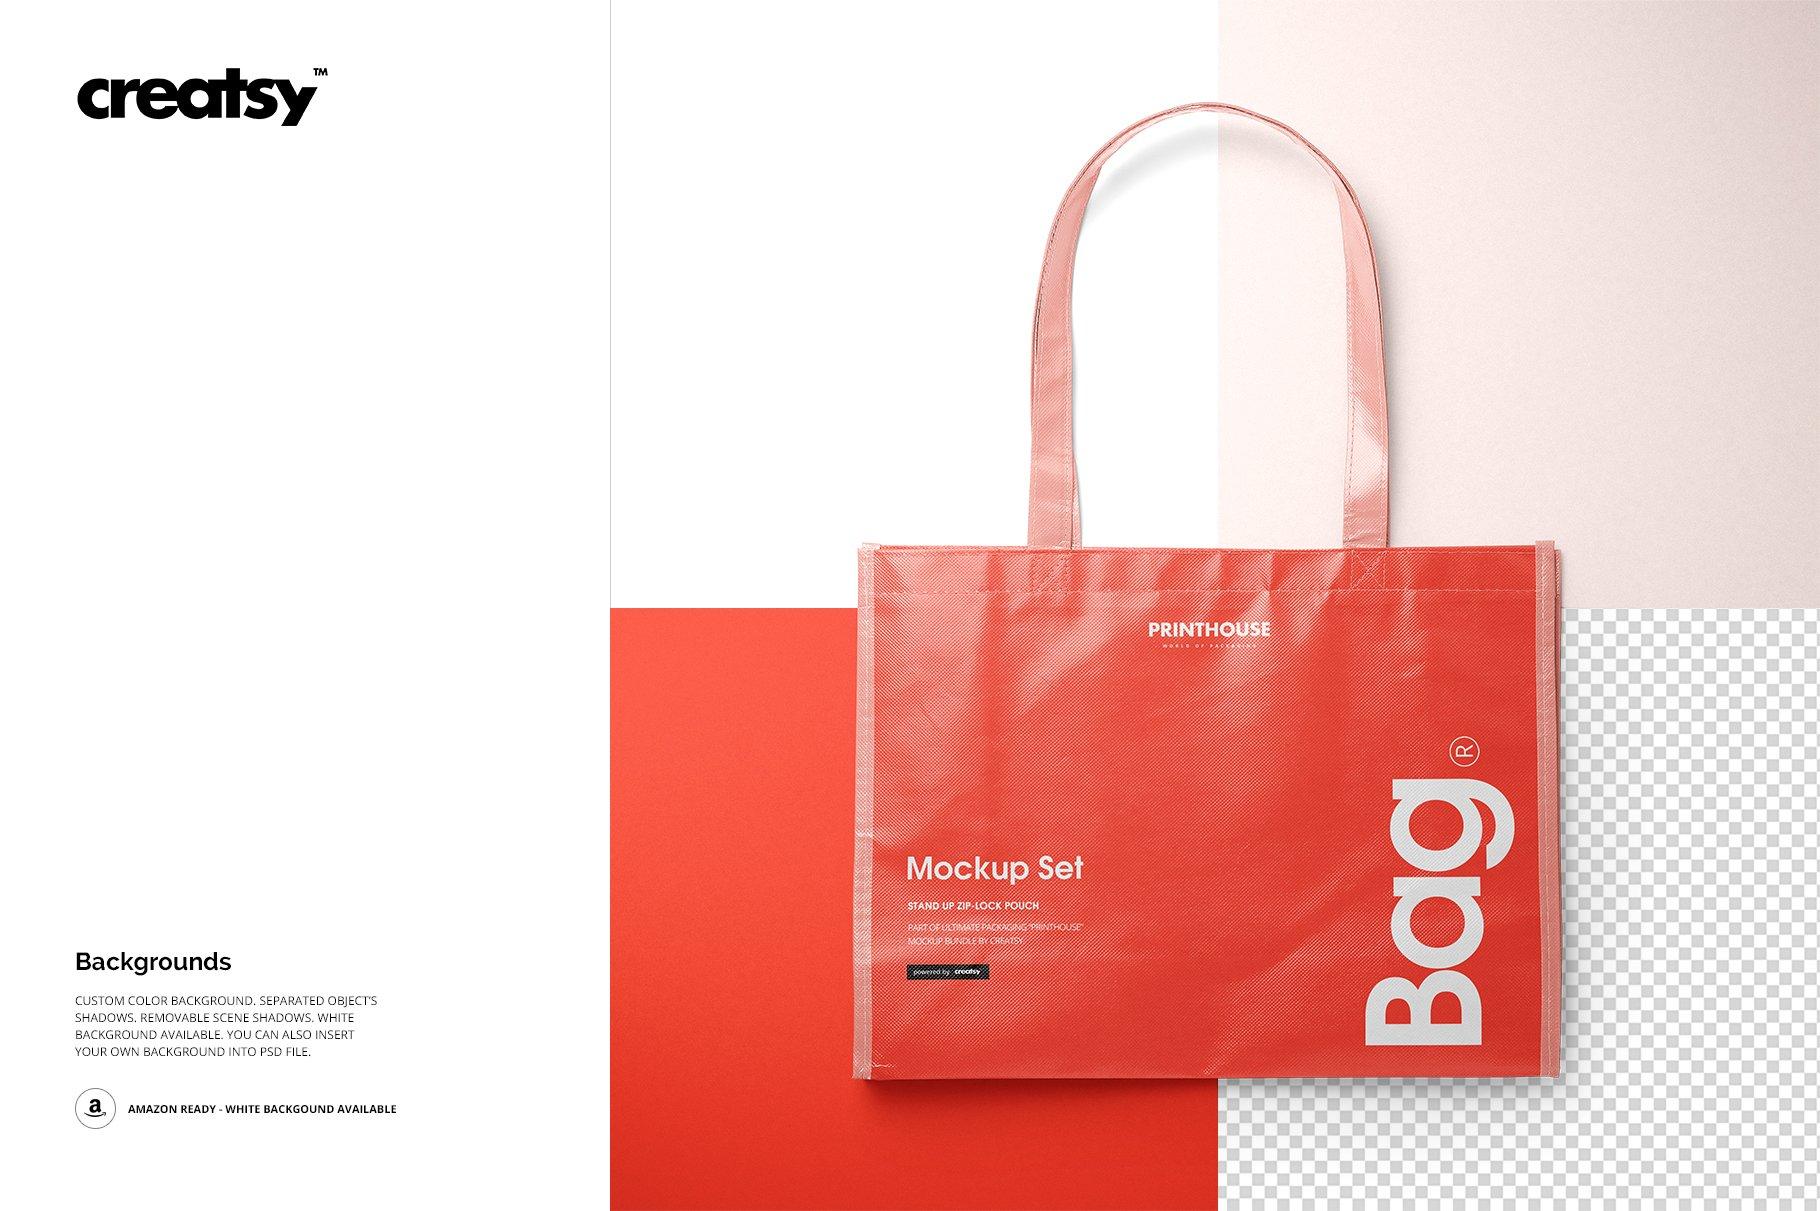 层压光面无纺布购物手提袋设计贴图样机模板套装 Laminated Non-Woven Tote Bag Mockups插图(8)